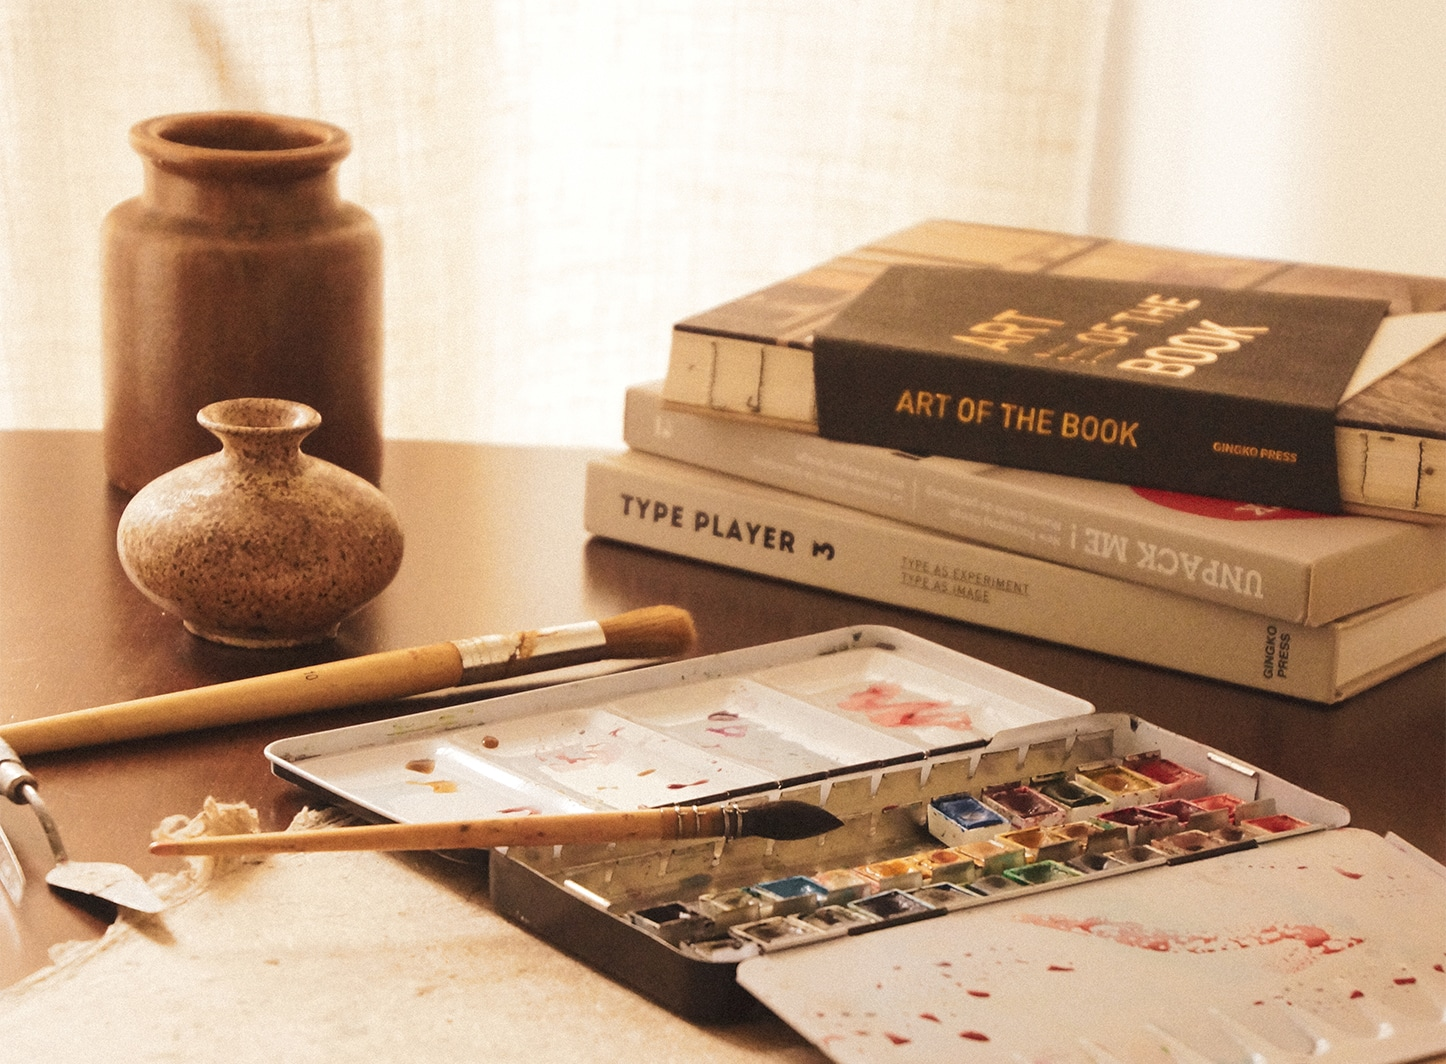 Palette d'aquarelle avec des éléments naturels, des livres de design graphique et de la peinture